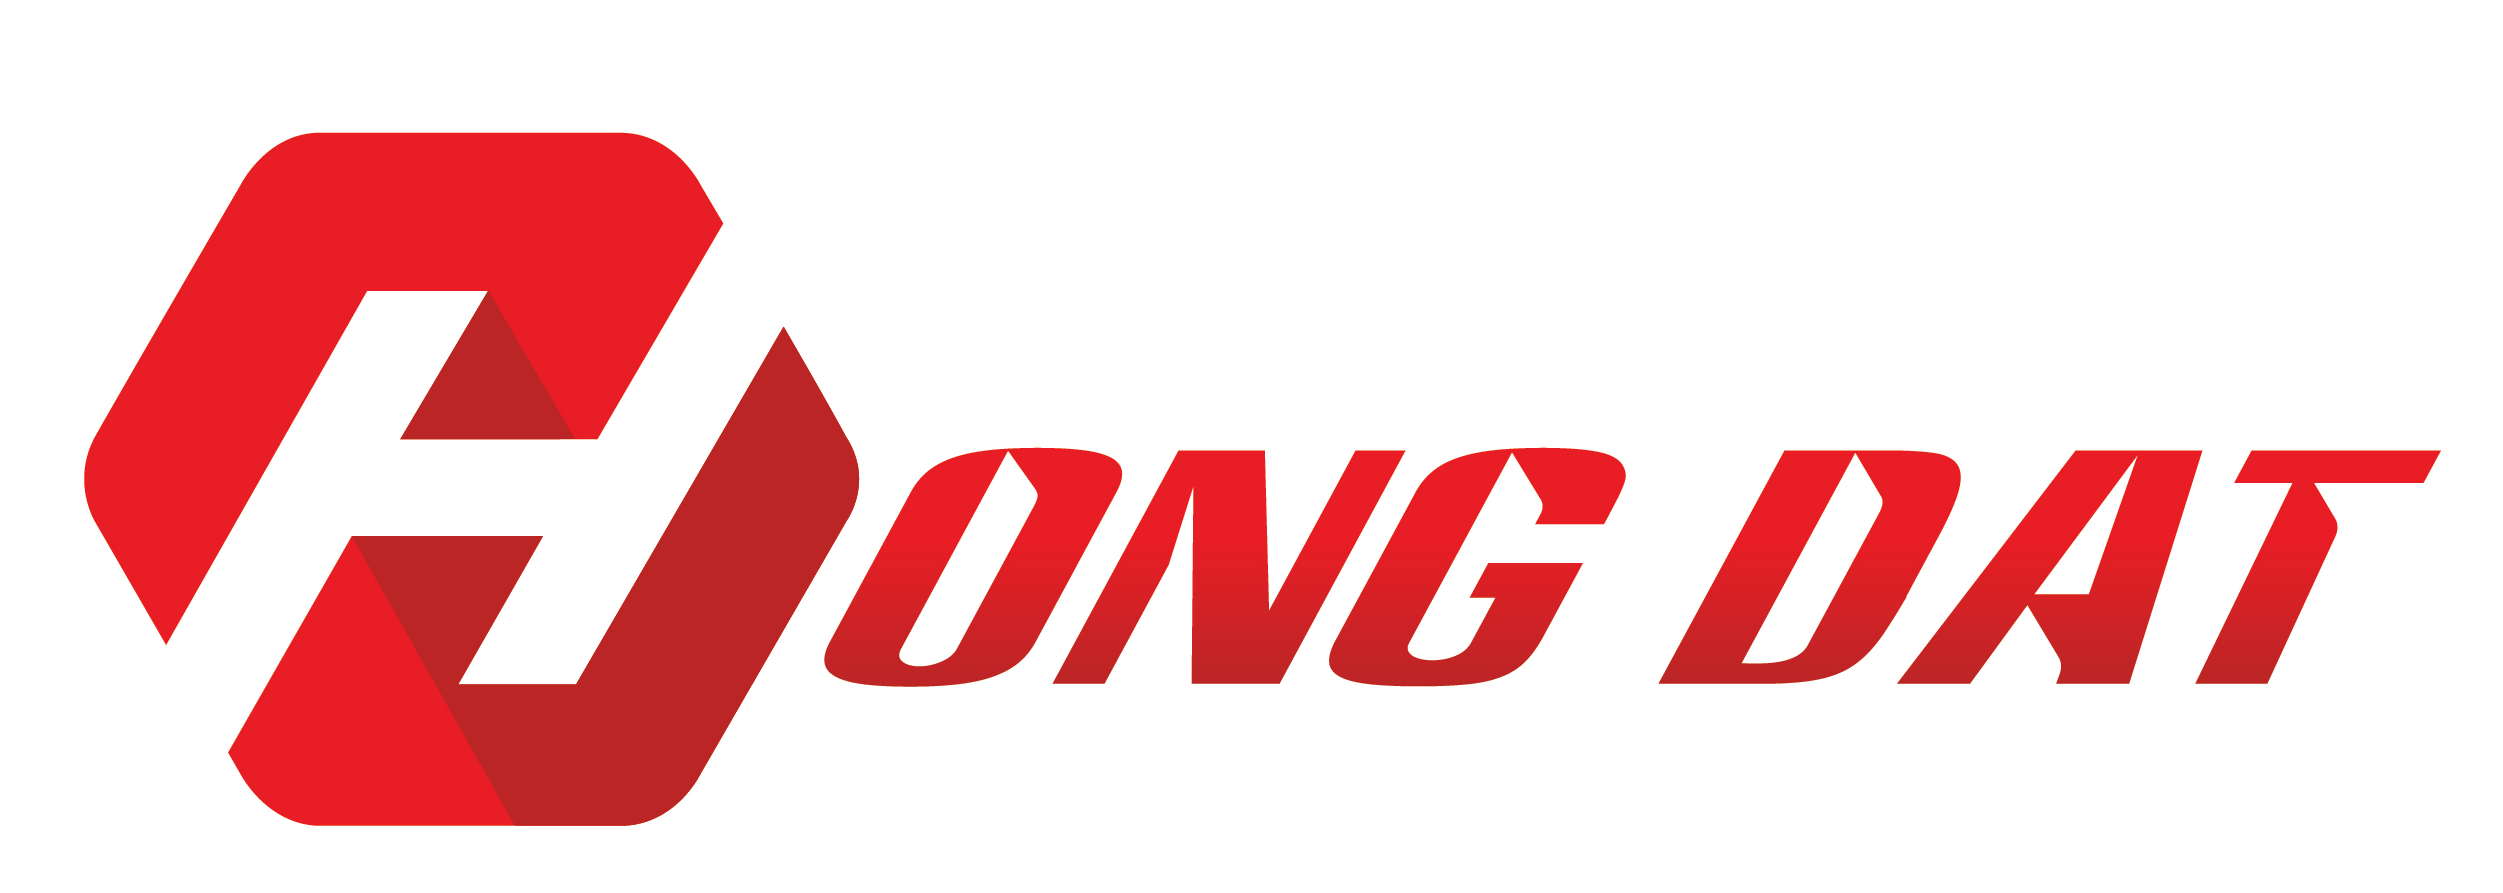 Cong ty TNHH Hong Dat